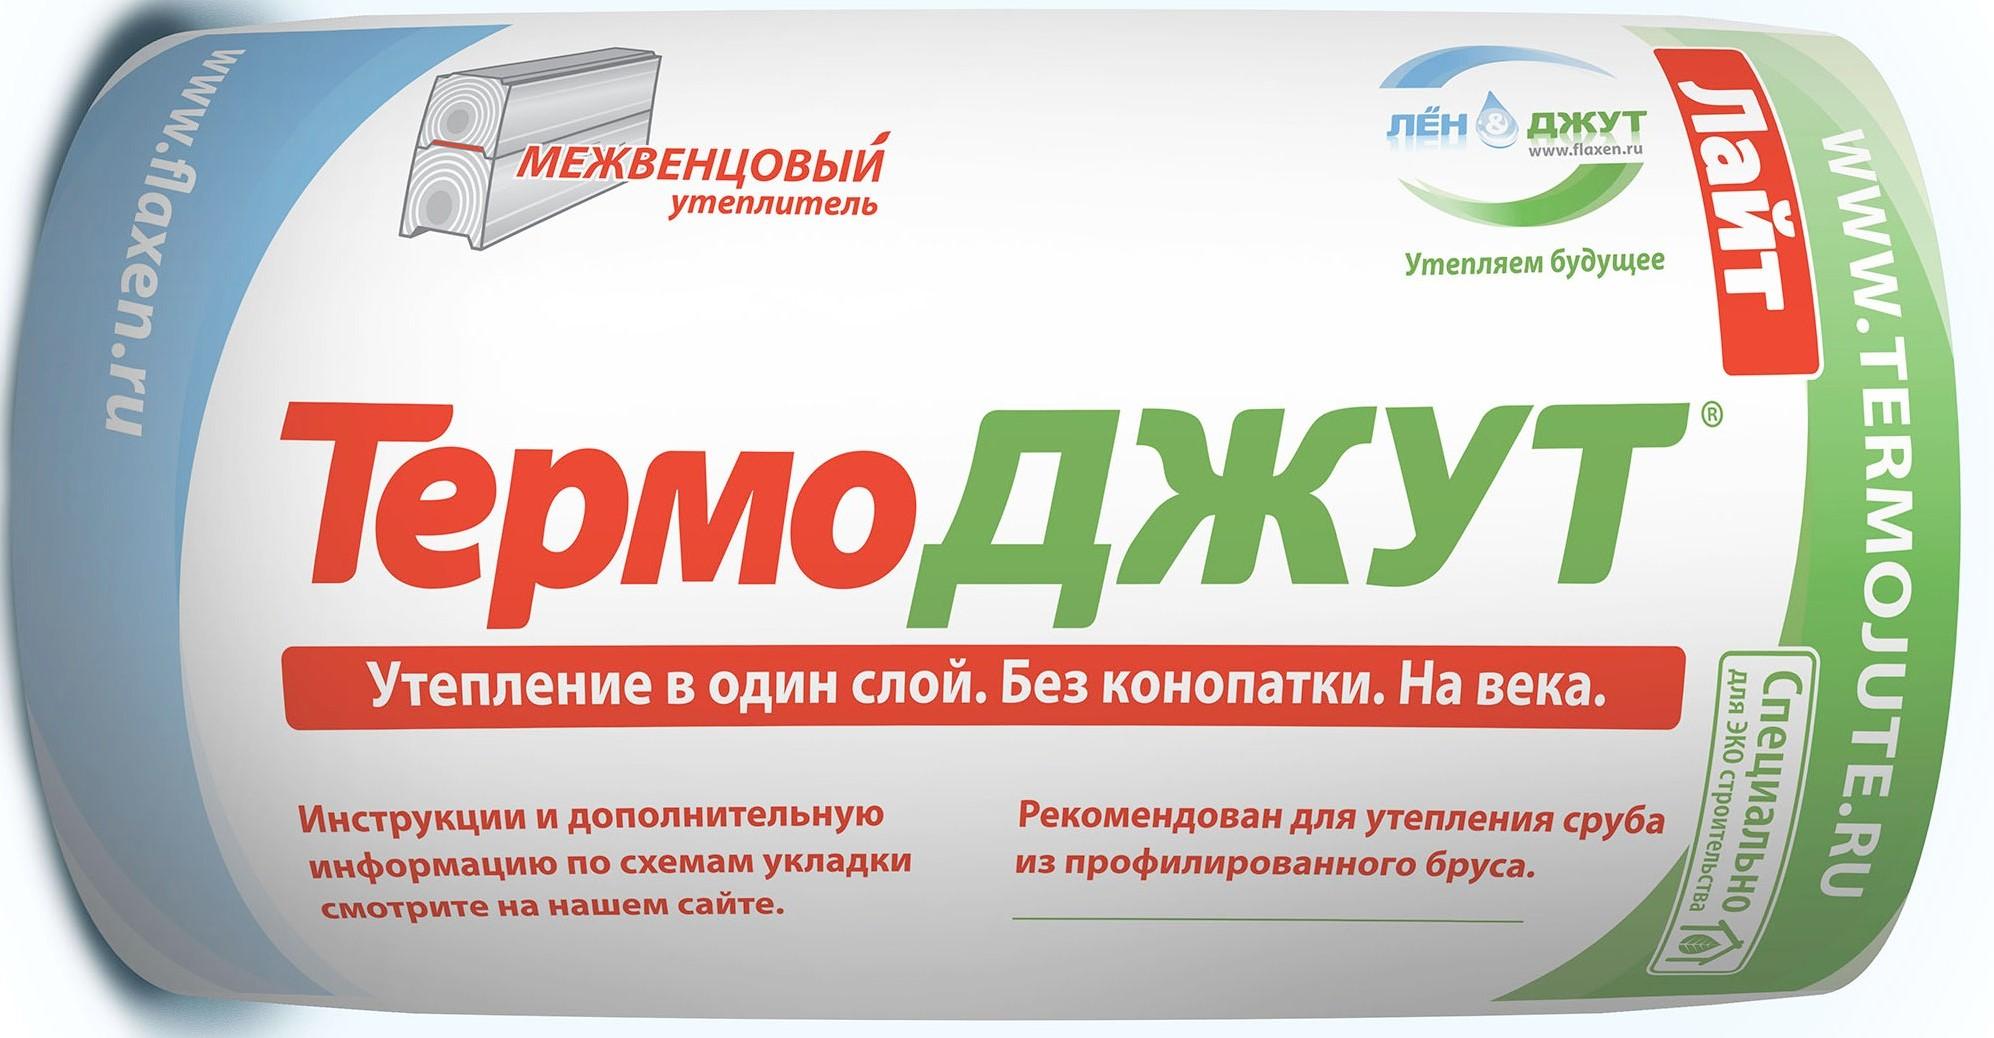 Упаковка ТермоДжута